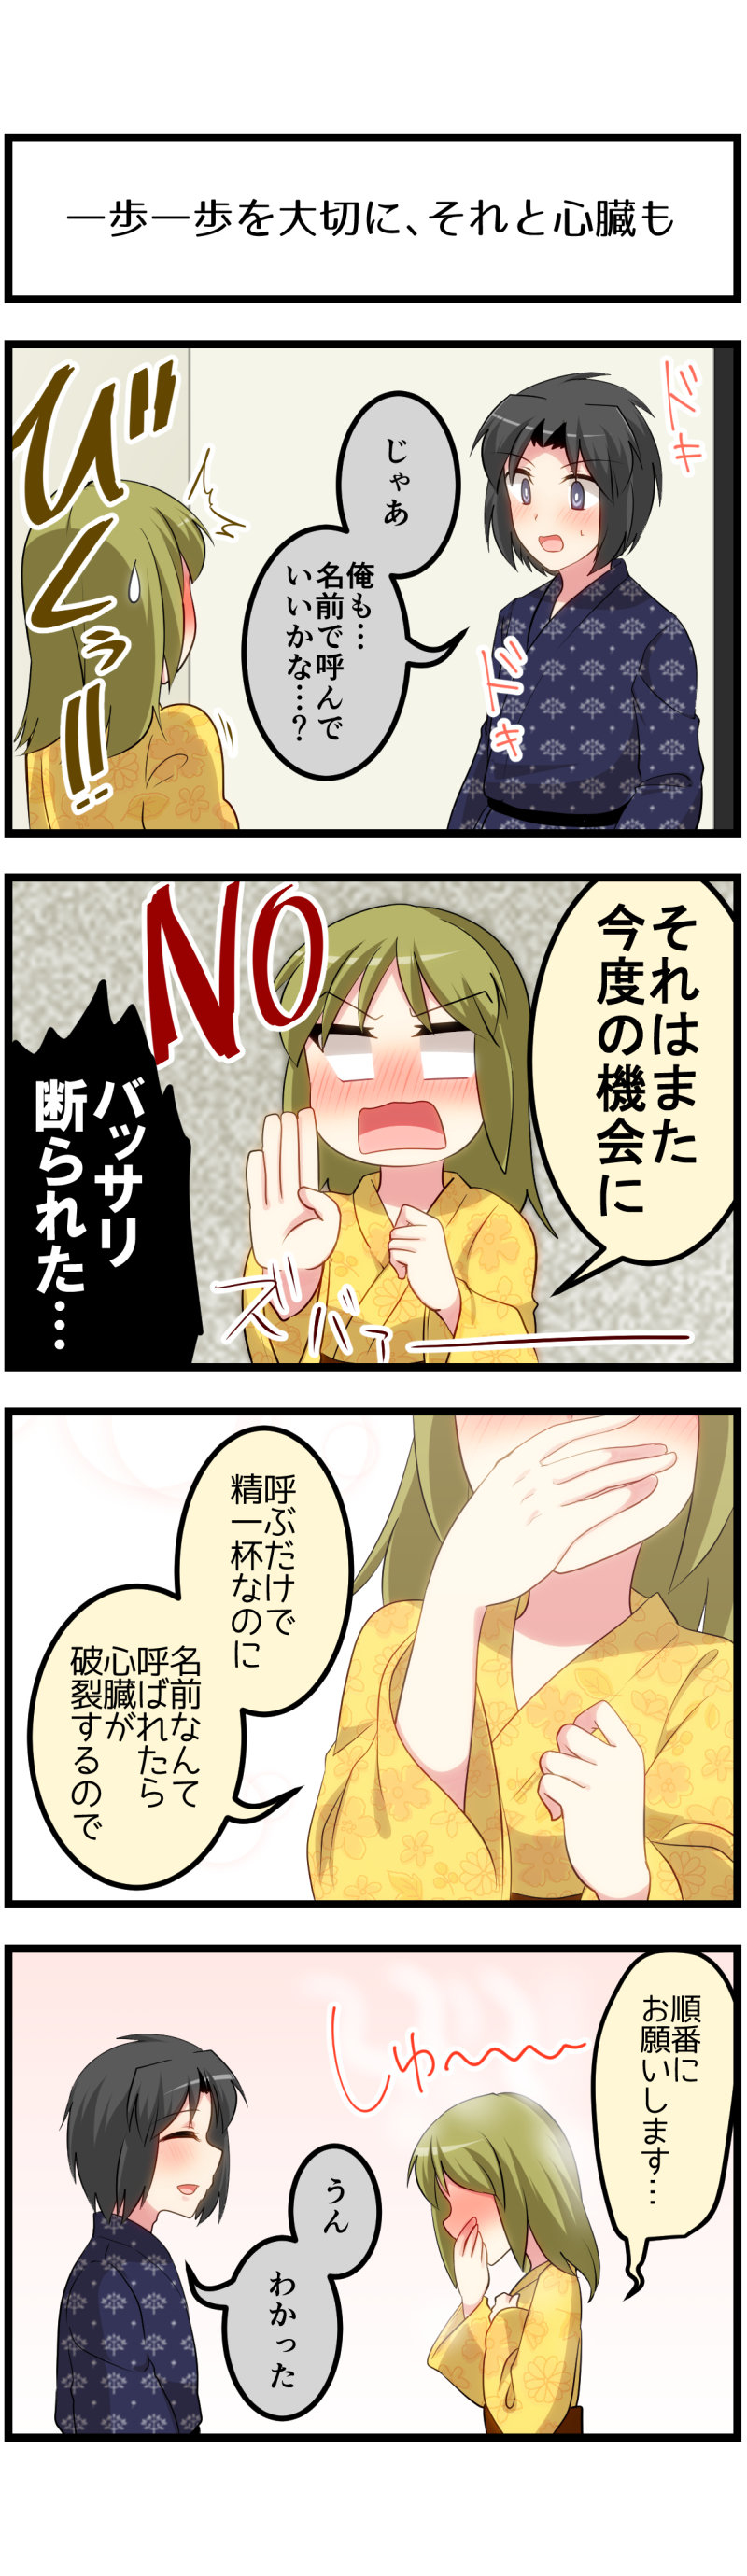 第100話「初デート(後編)」